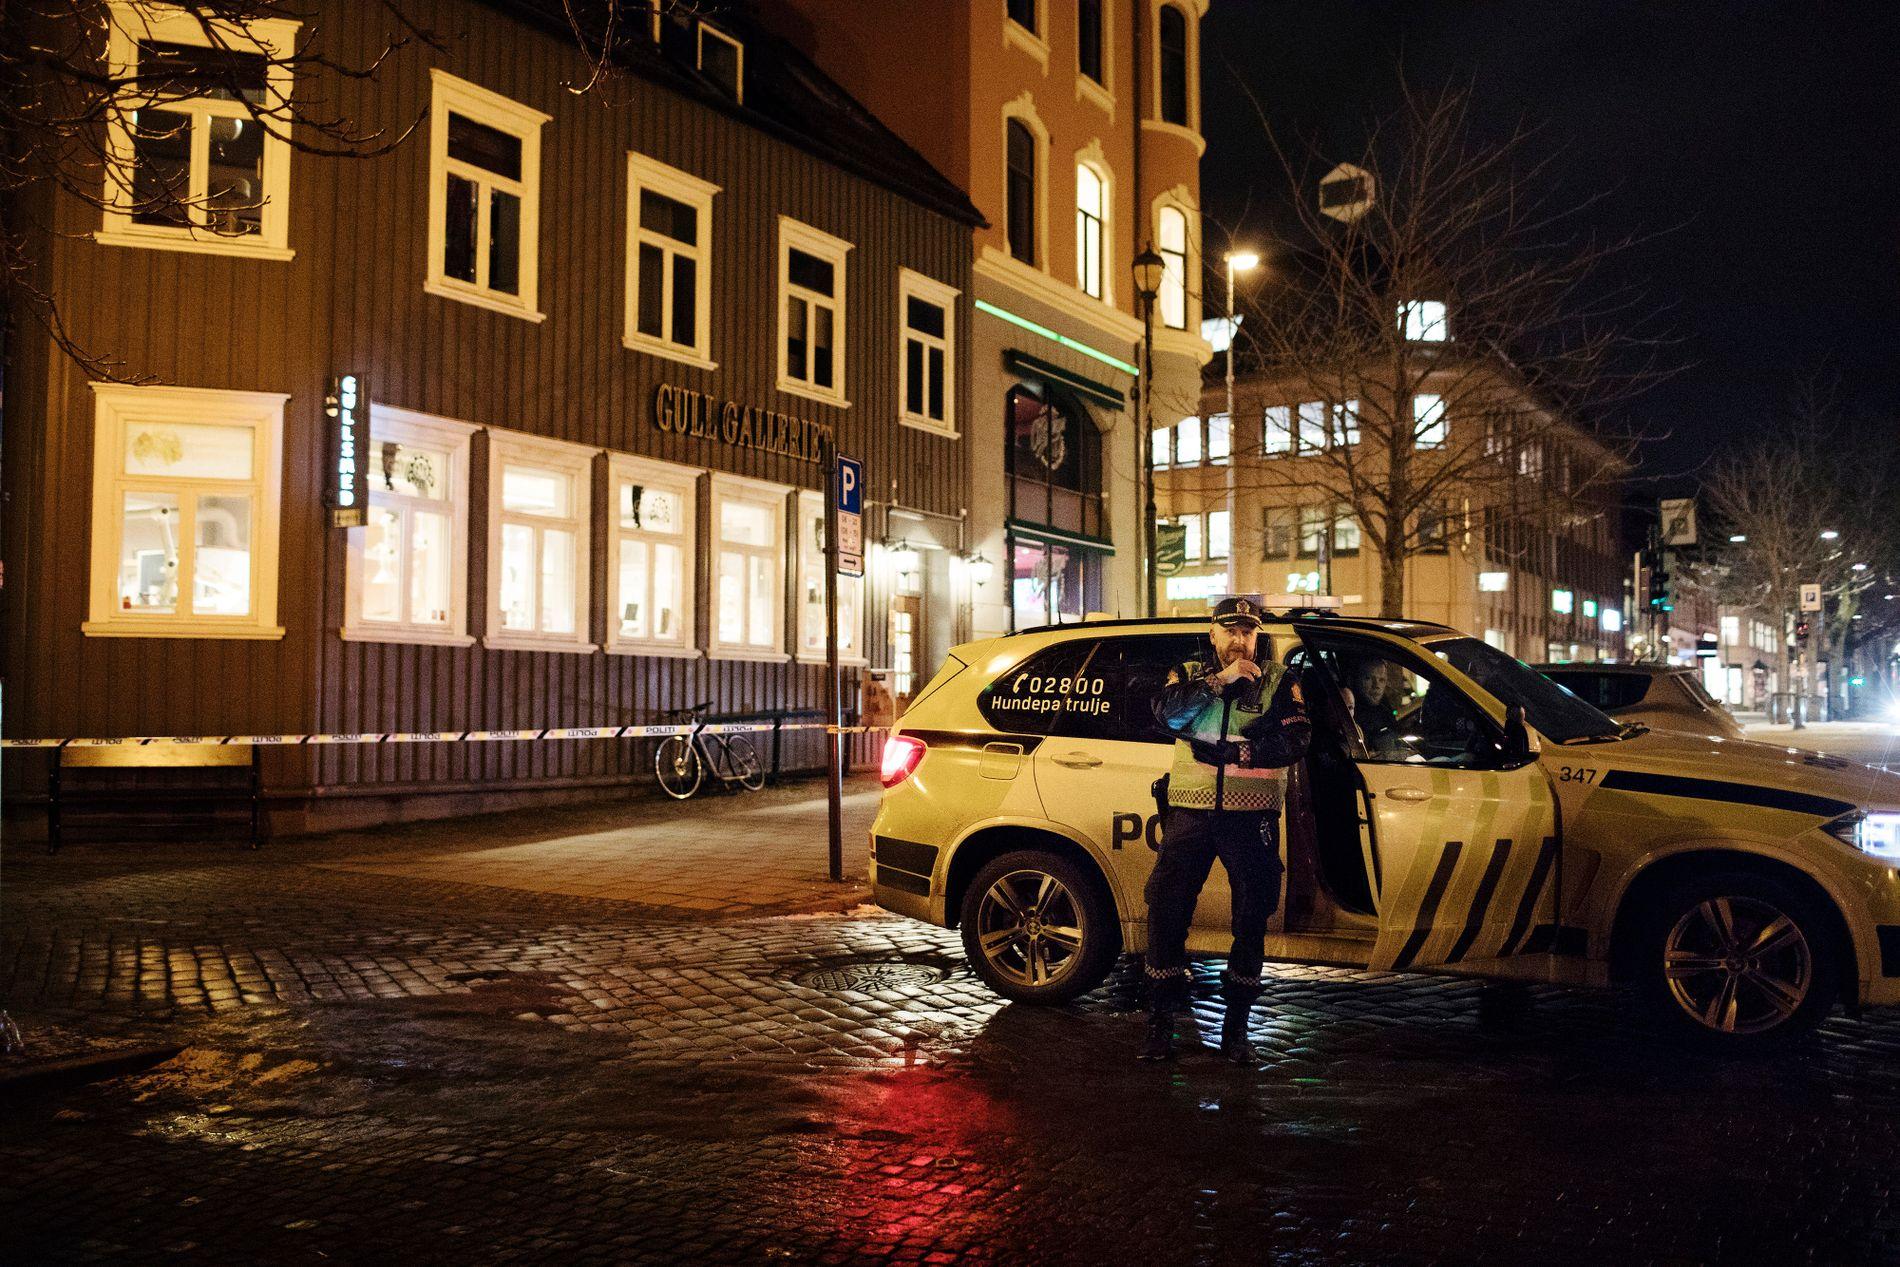 RANET: Politiet holder vakt utenfor Gullgaleriet i Munkegata som ble ranet mandag.